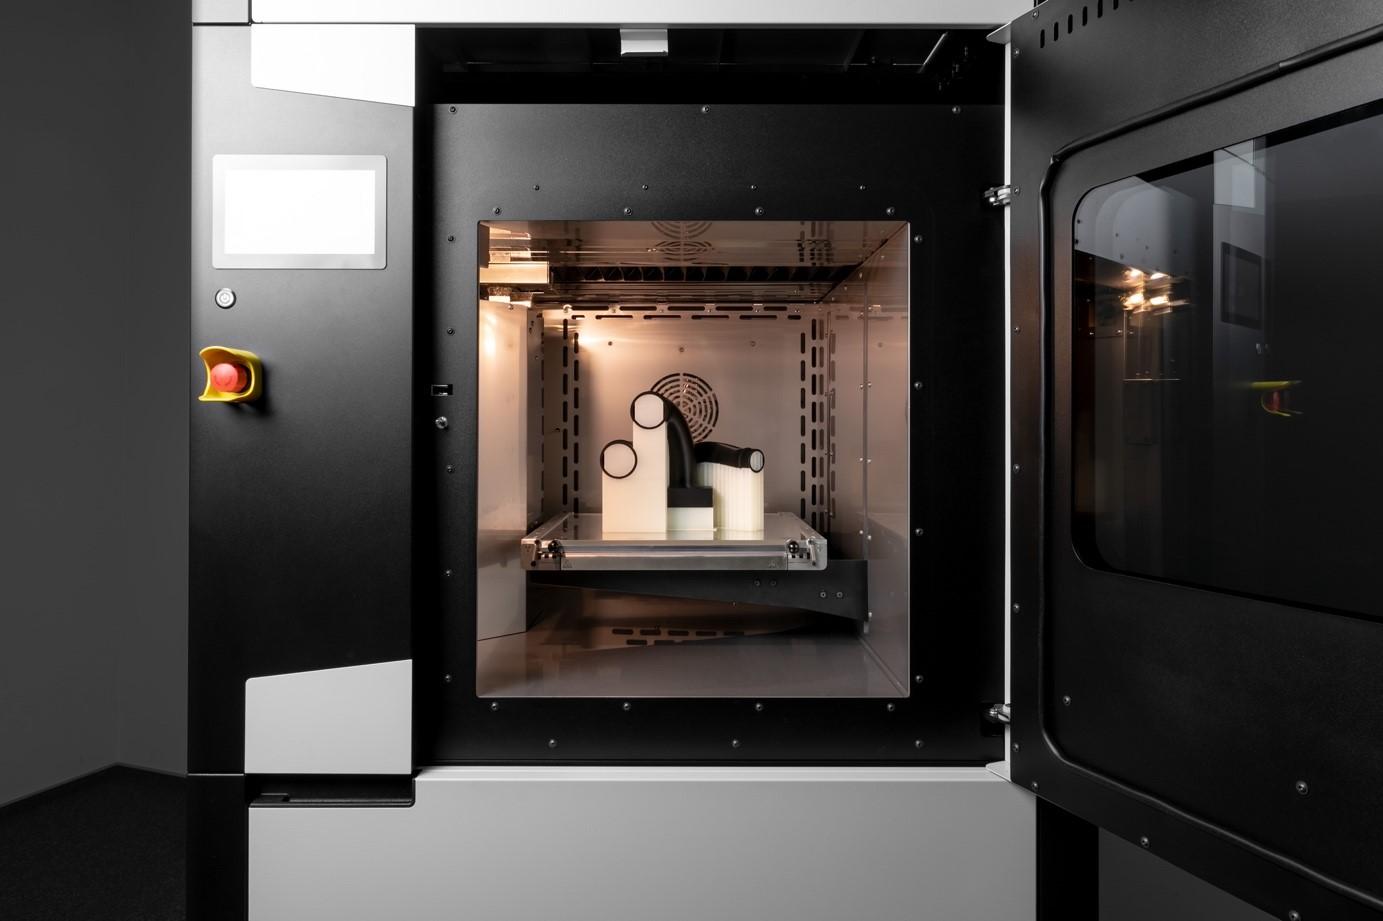 3DGence INDUSTRY F350 оснащен закрытой камерой с активным обогревом, способной нагреваться до 130°C